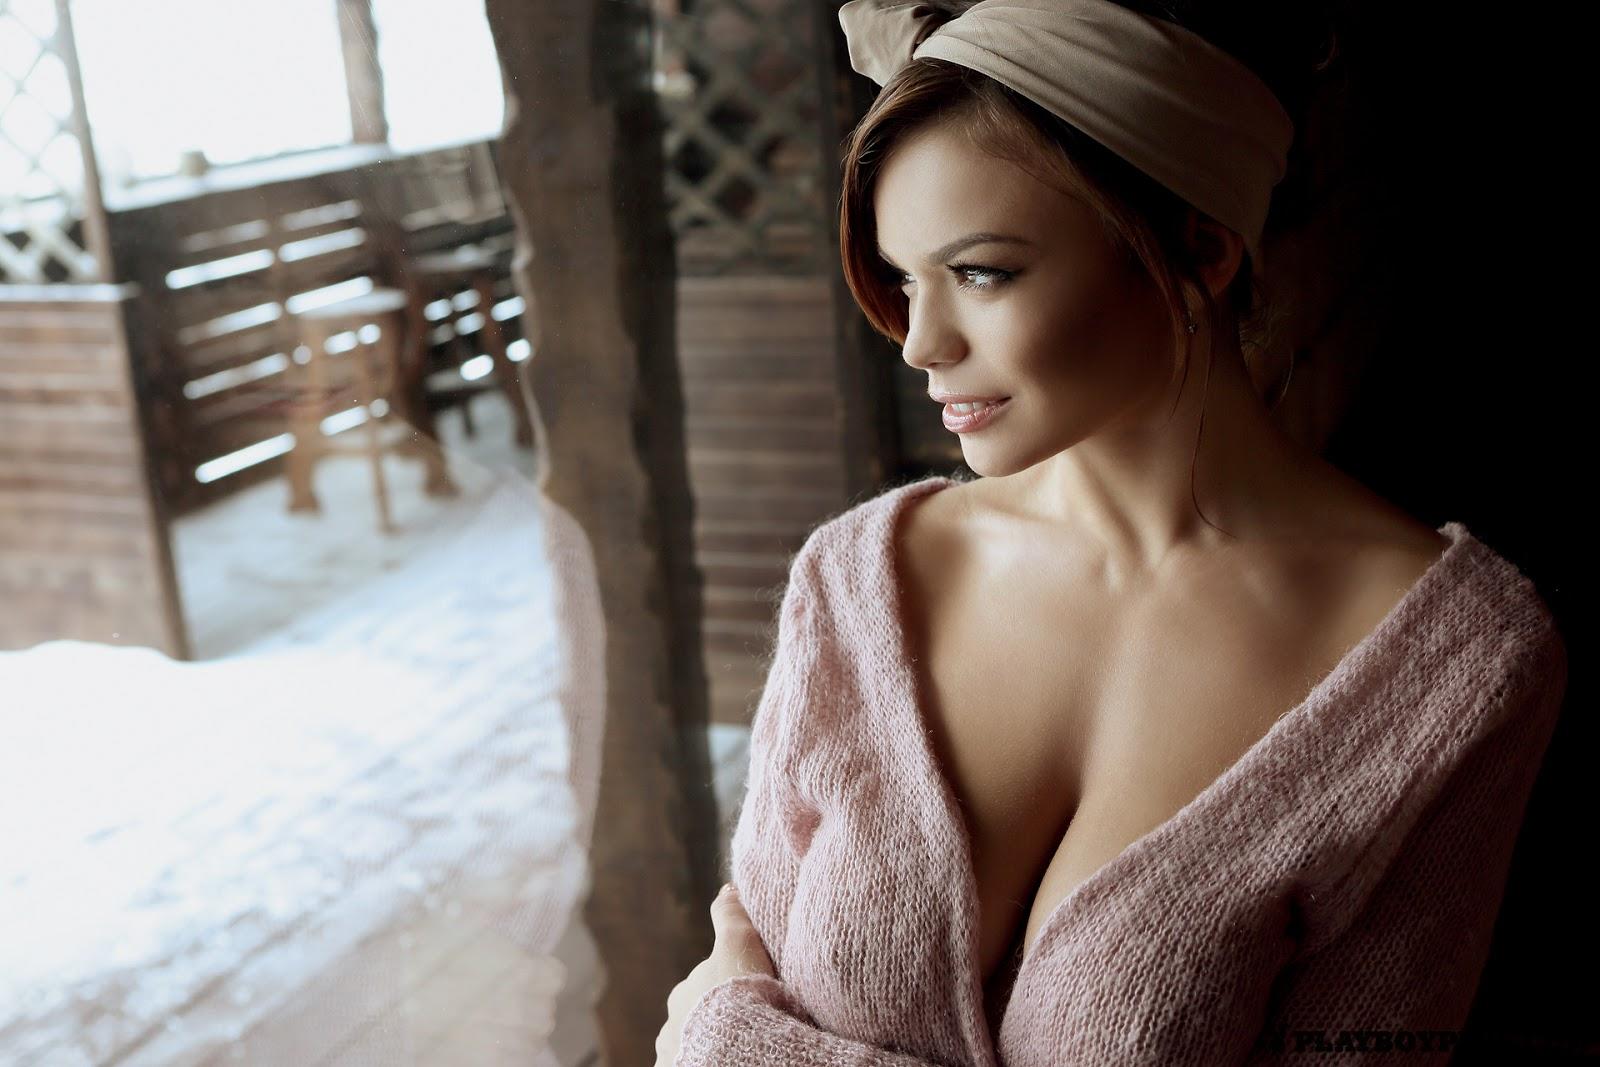 Babesandgirl erotic scenes